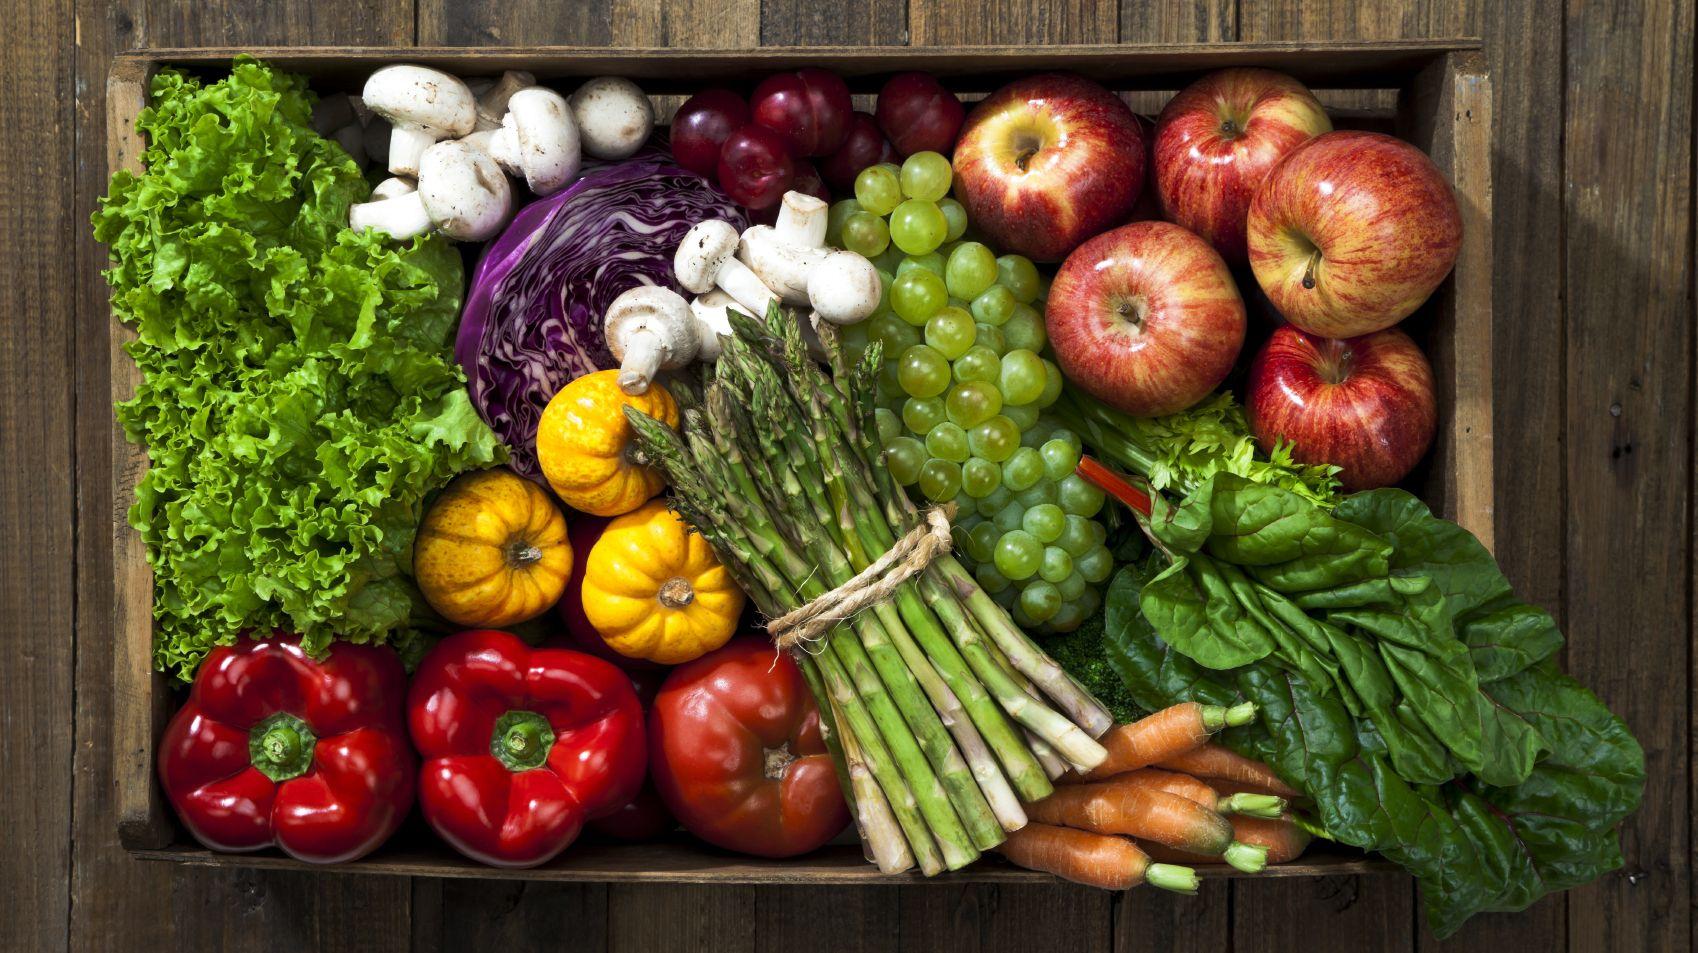 svantaggi della dieta vegetariana